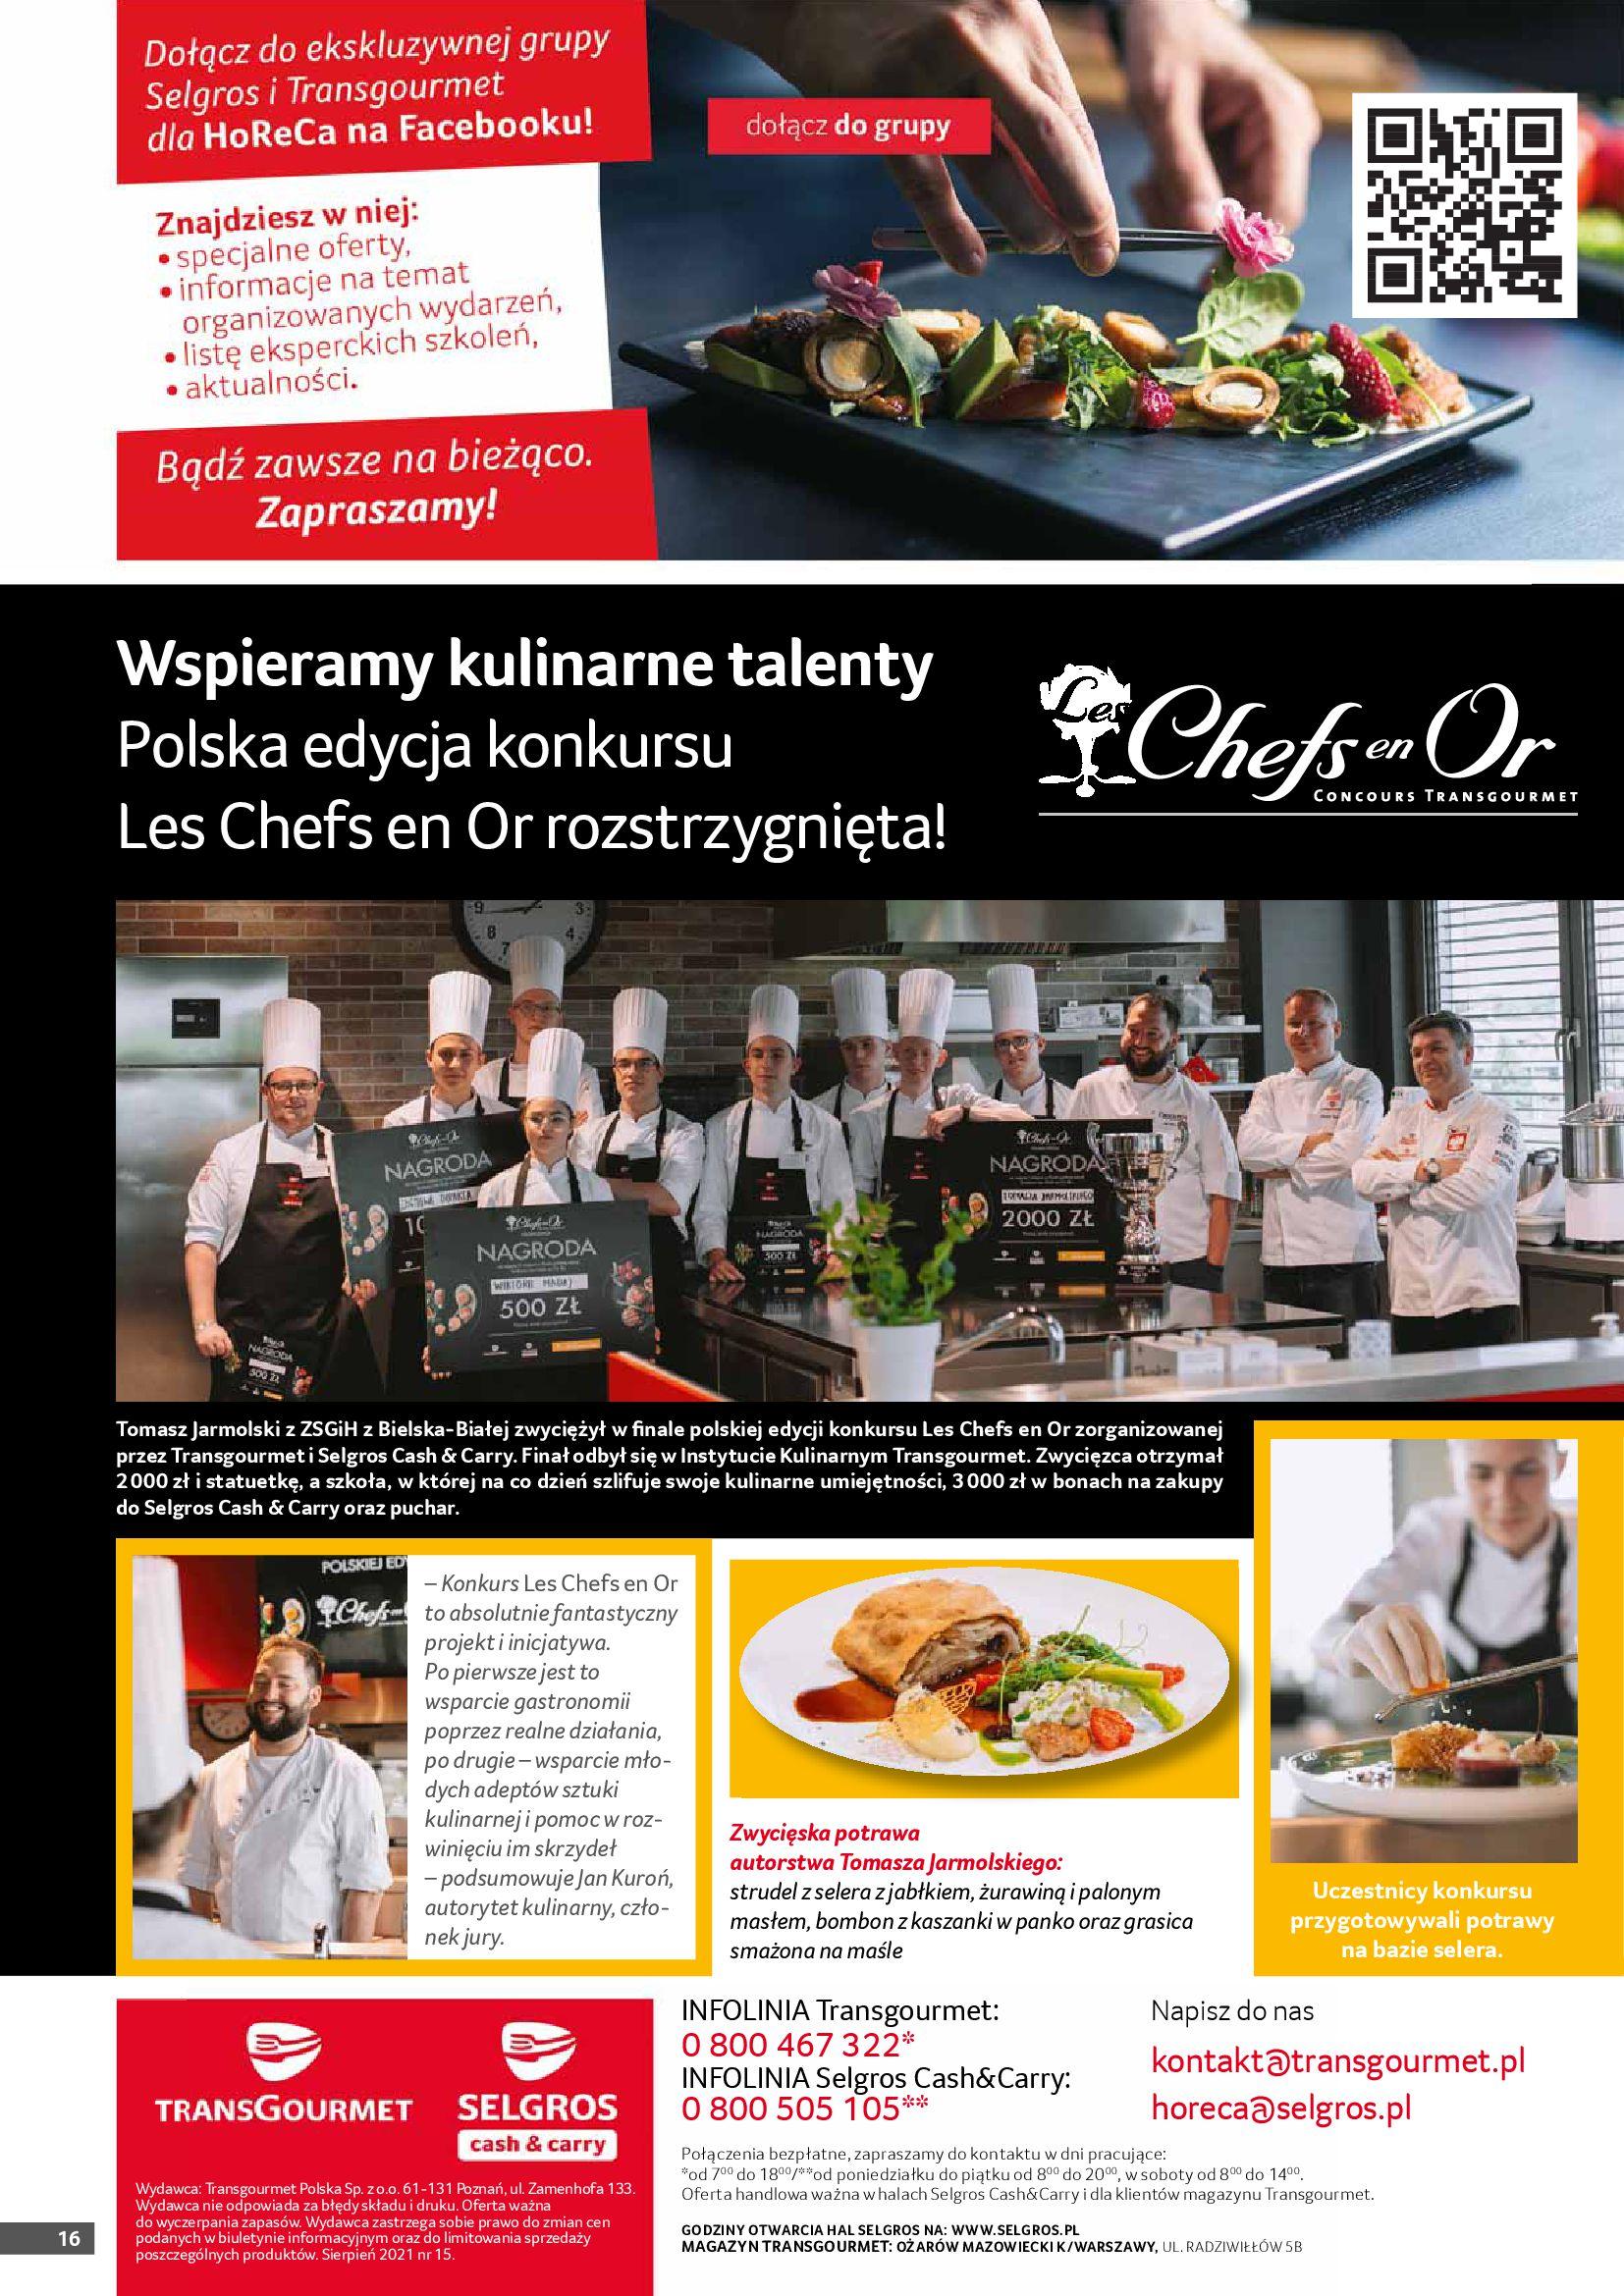 Gazetka Selgros: Gazetka Selgros - Gastronomia 2021-08-01 page-16